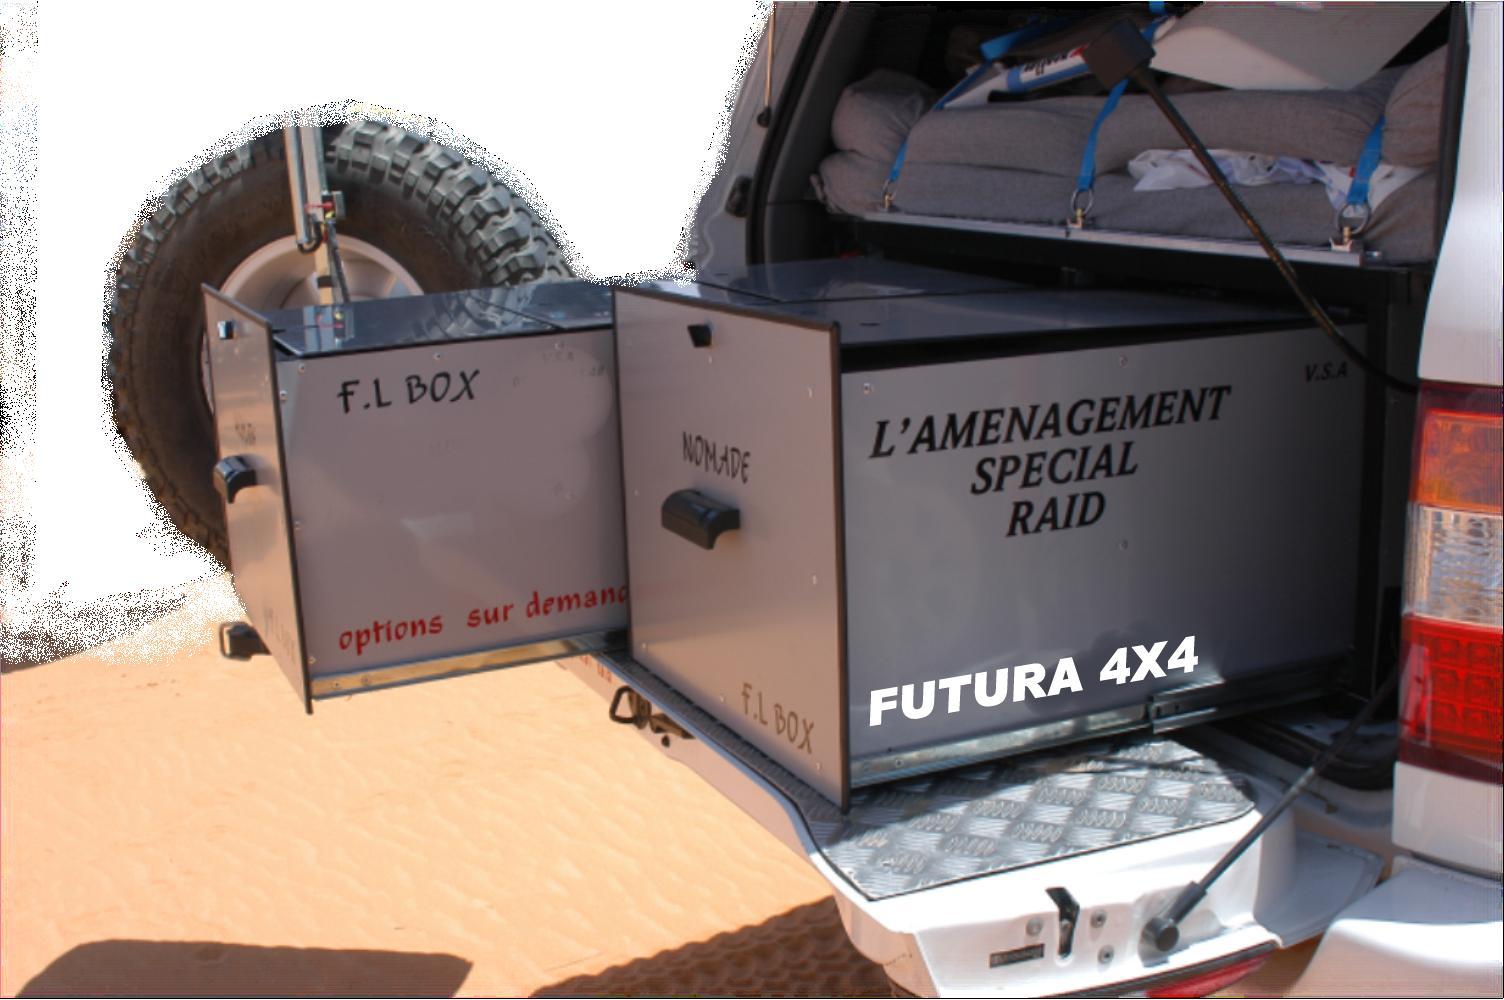 FL BOX 5